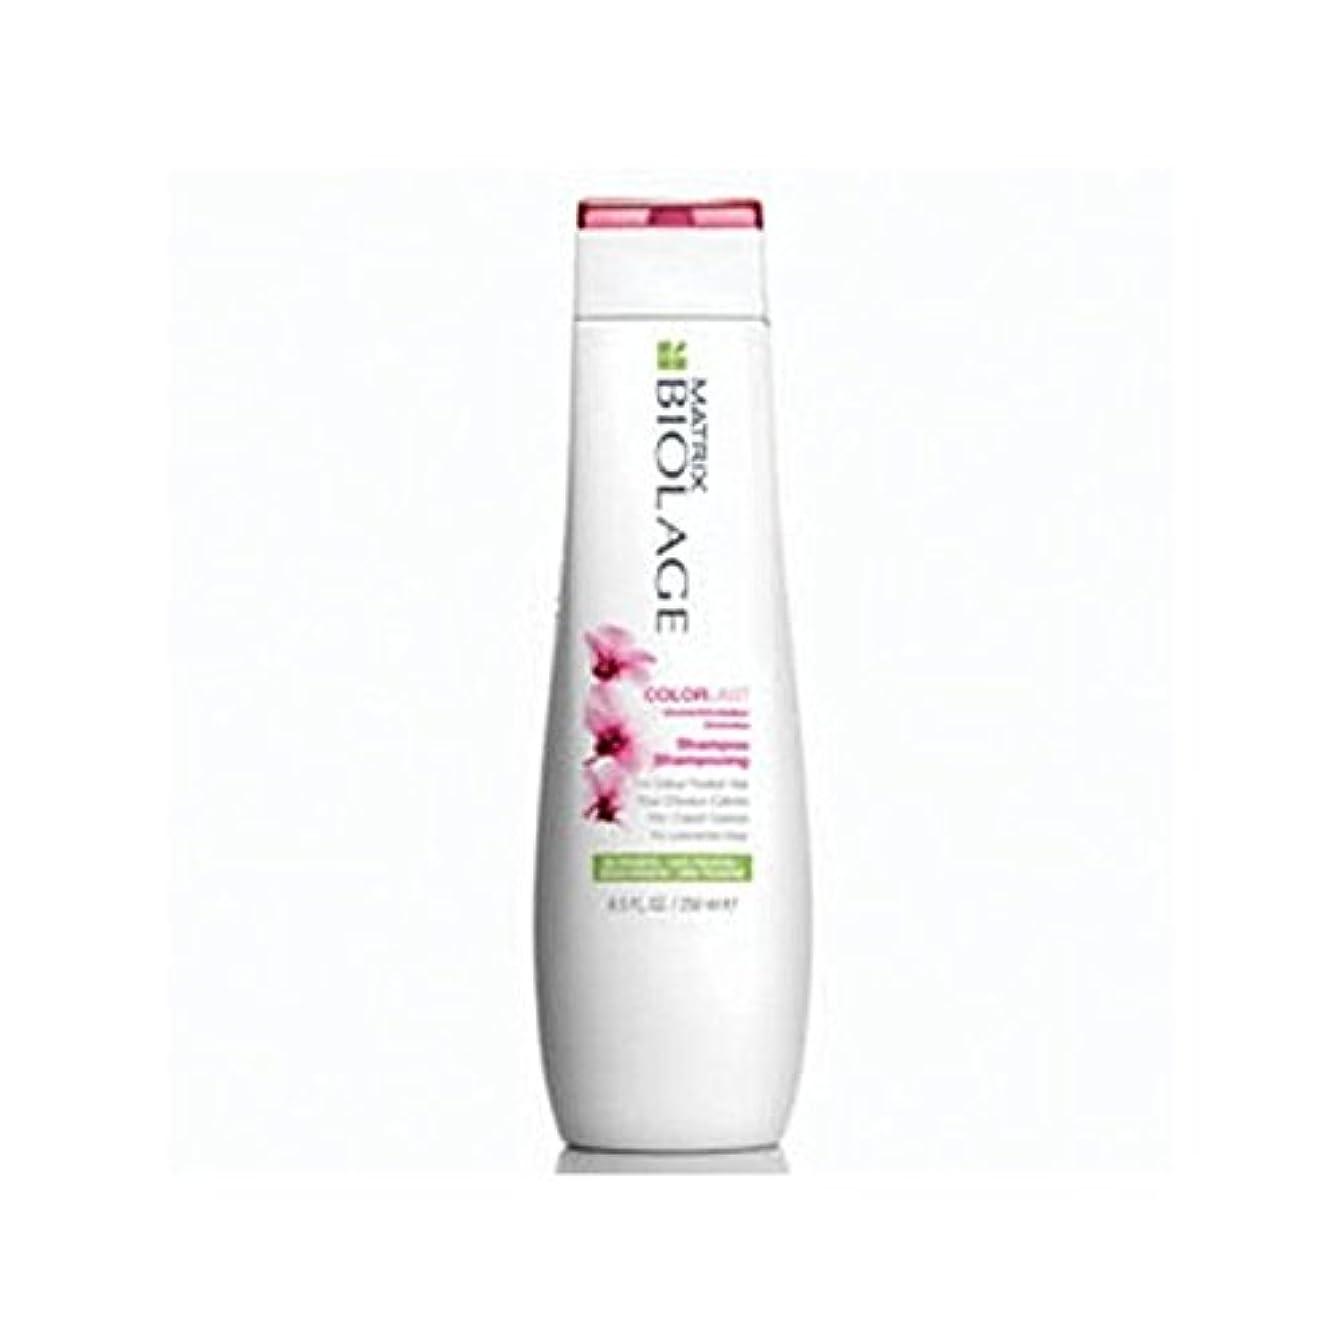 裏切り者慣習火山学者Matrix Biolage Colorlast Shampoo (250ml) (Pack of 6) - マトリックスバイオレイジのシャンプー(250ミリリットル) x6 [並行輸入品]